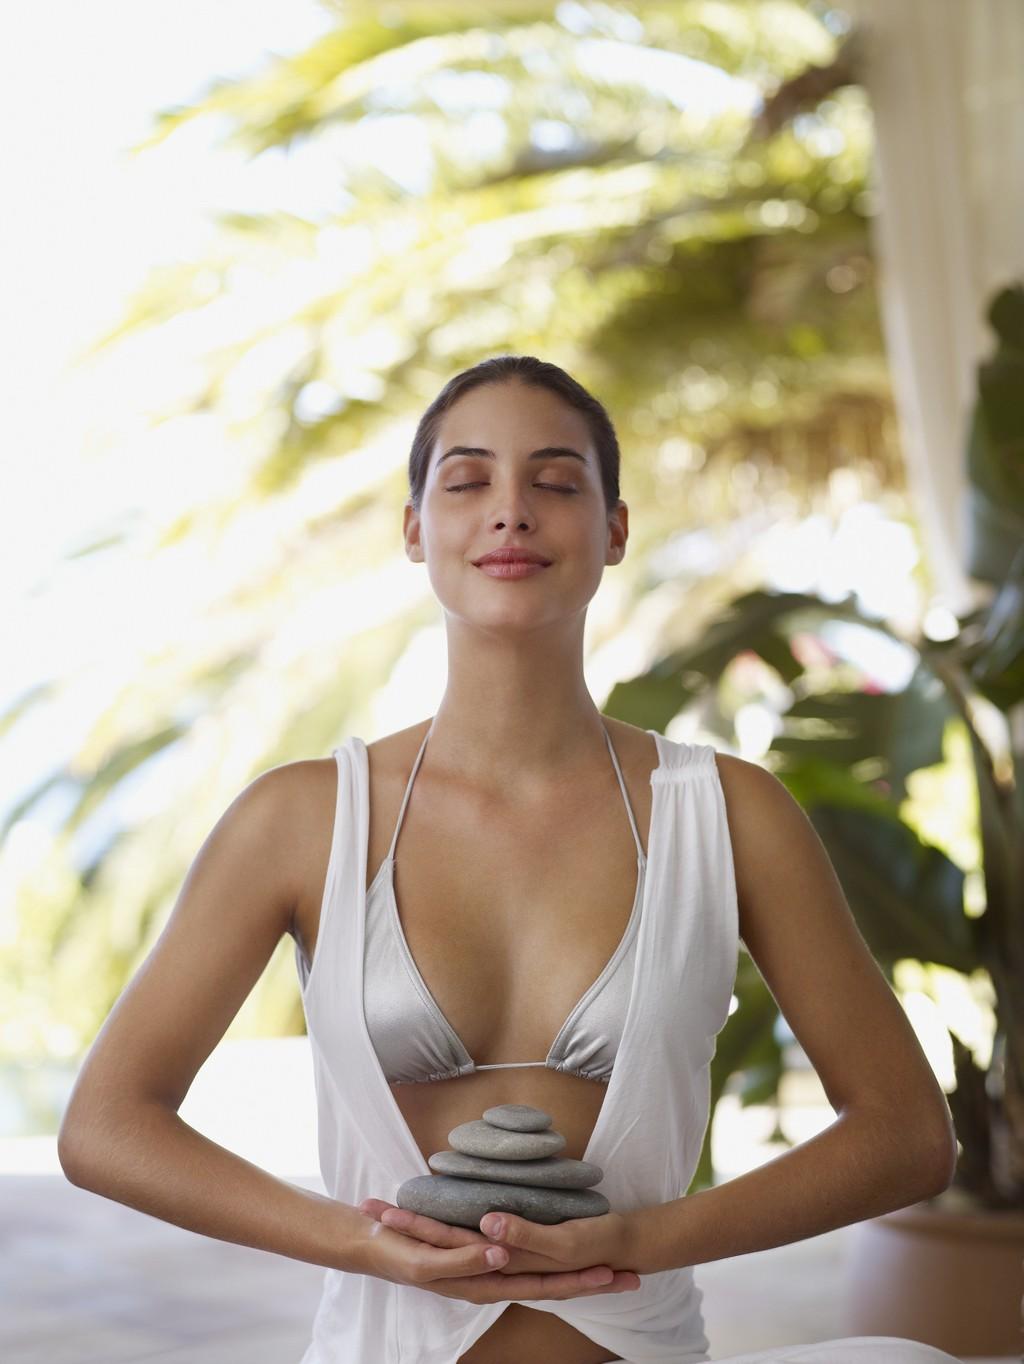 Yoni massage on Healthy USA